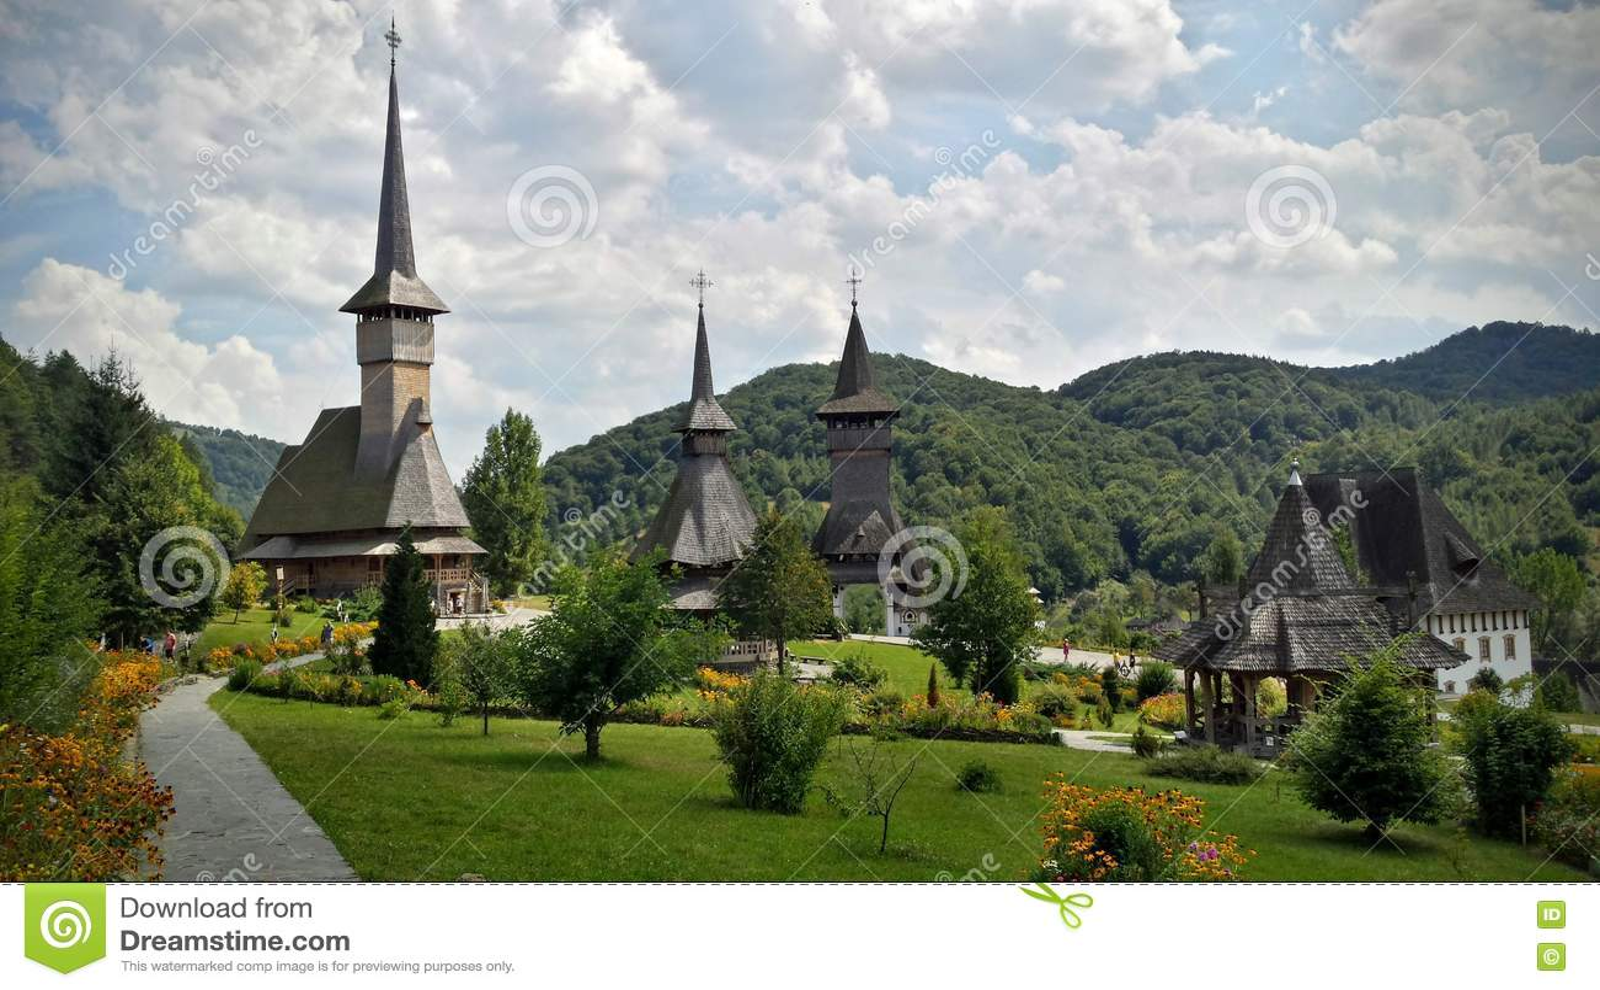 Άποψη μέσα στο προαύλιο του μοναστηριού Maramuress